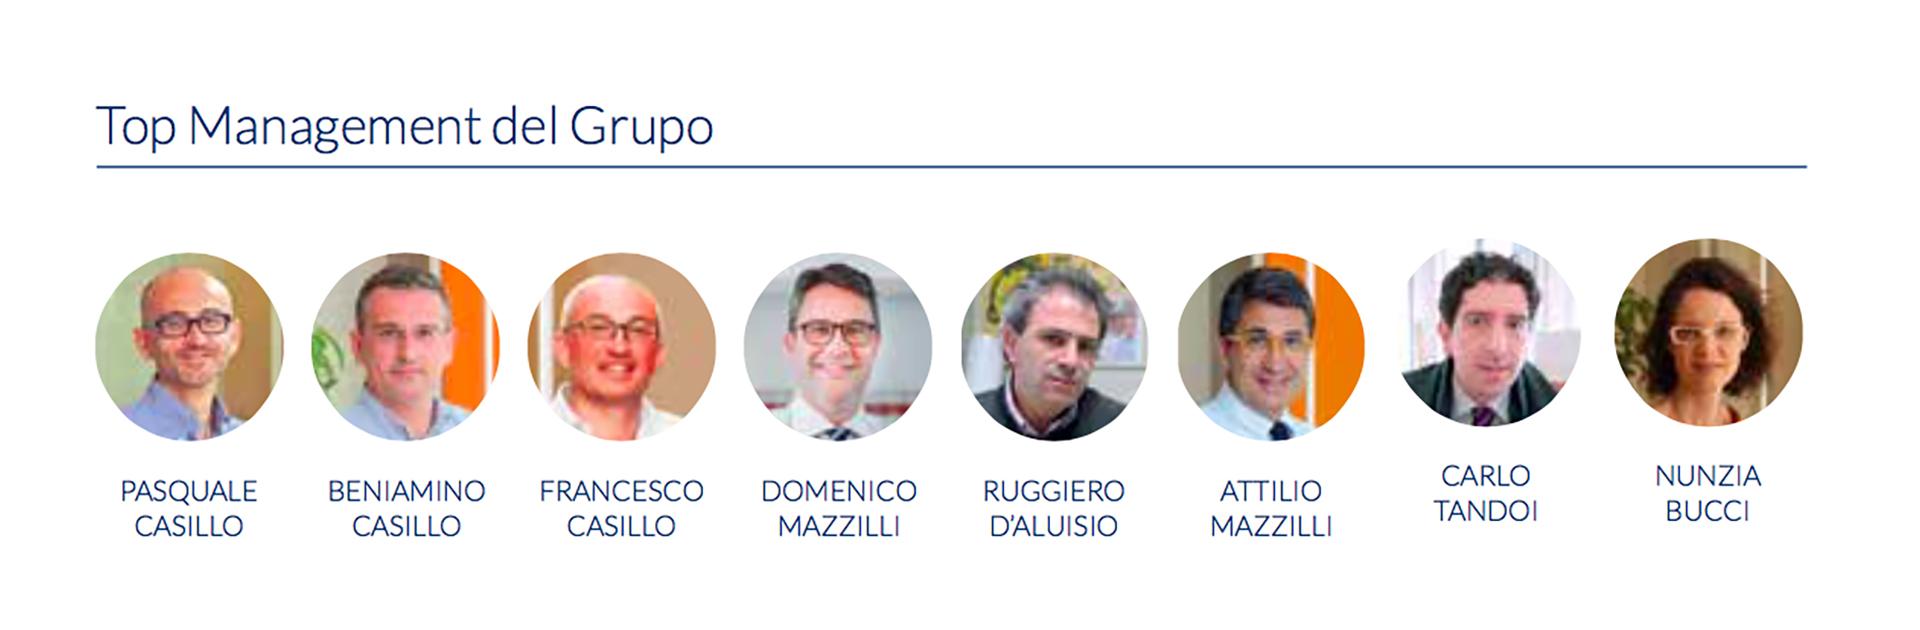 Los directivos de la empresa italiana Casillo.